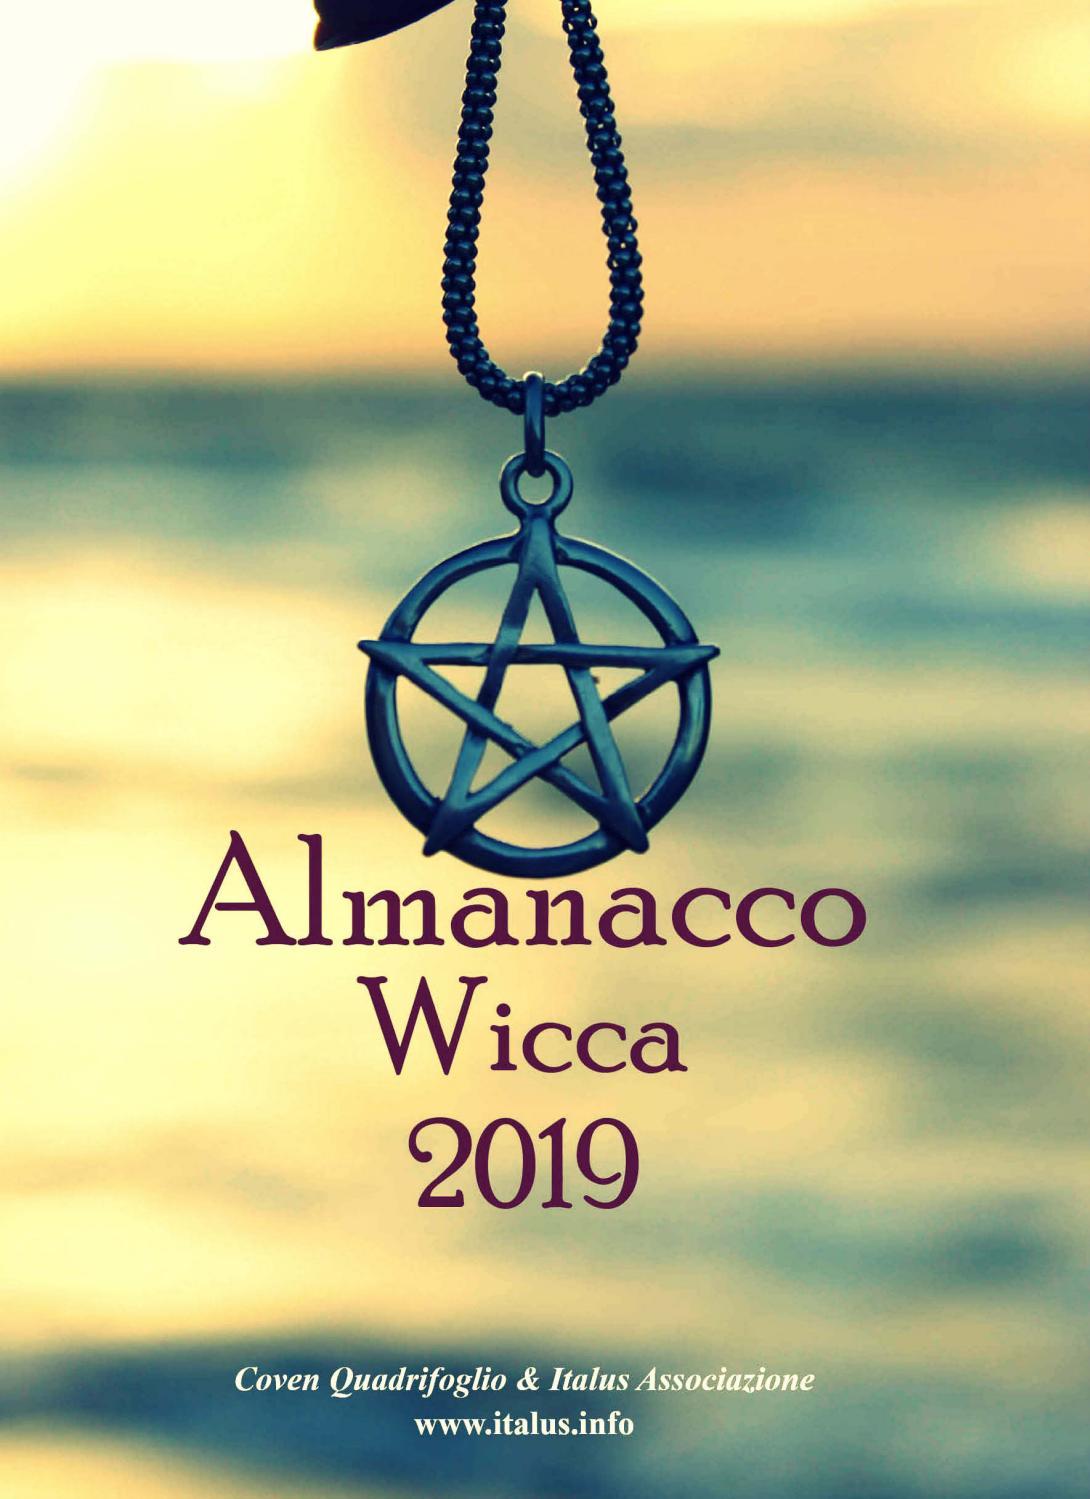 Calendario Esoterico.Almanacco Wicca 2019 By Italus Edizioni Issuu